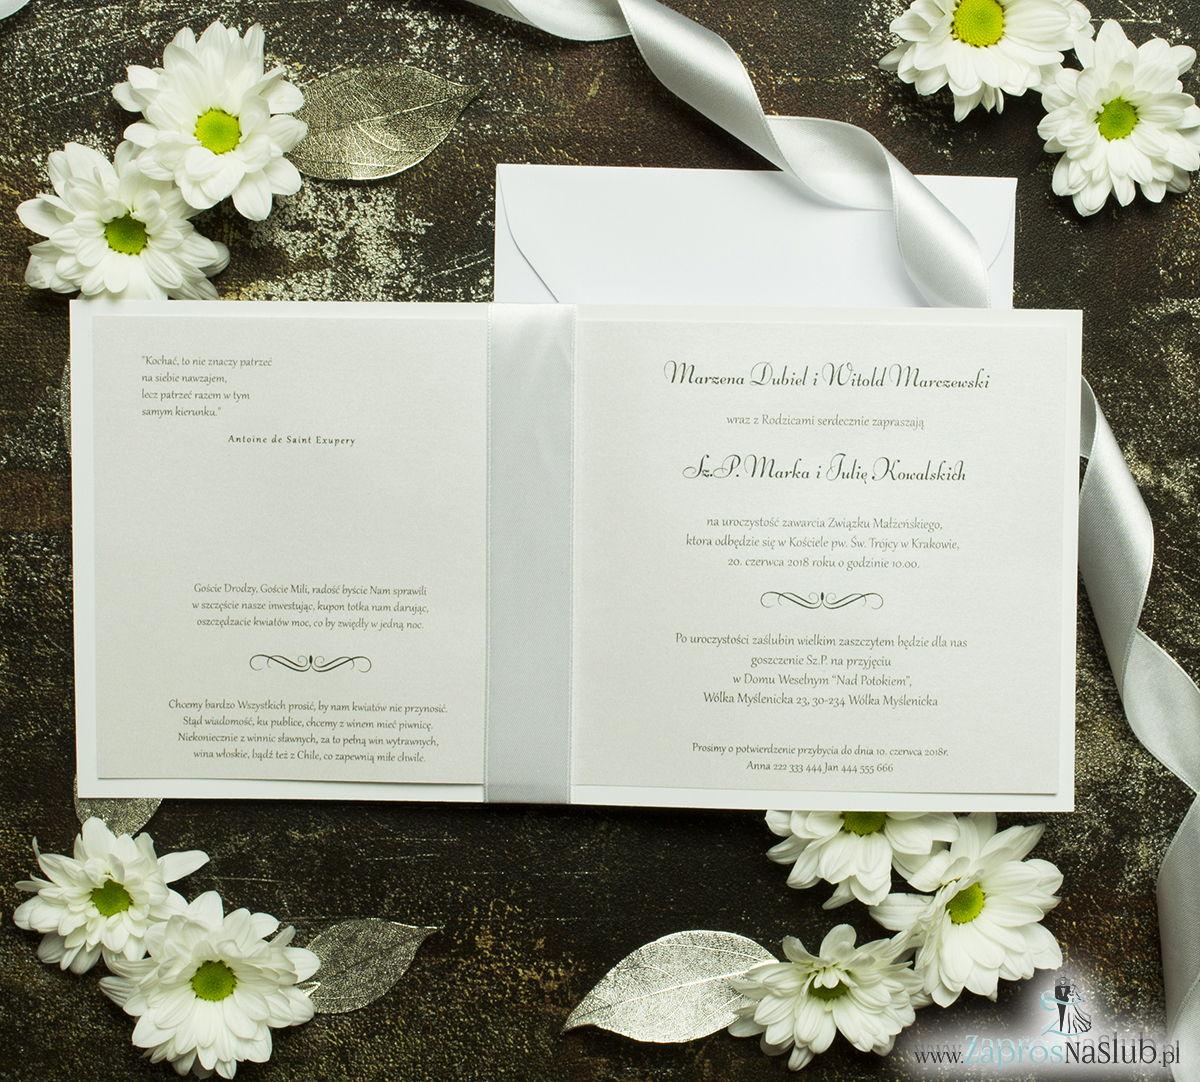 Bardzo prestiżowe zaproszenia ślubne z białą kokardką, dwoma cyrkoniami, kilkoma warstwami ciekawego papieru (np. srebrny w paski) oraz wklejanym wnętrzem. ZAP-71-92